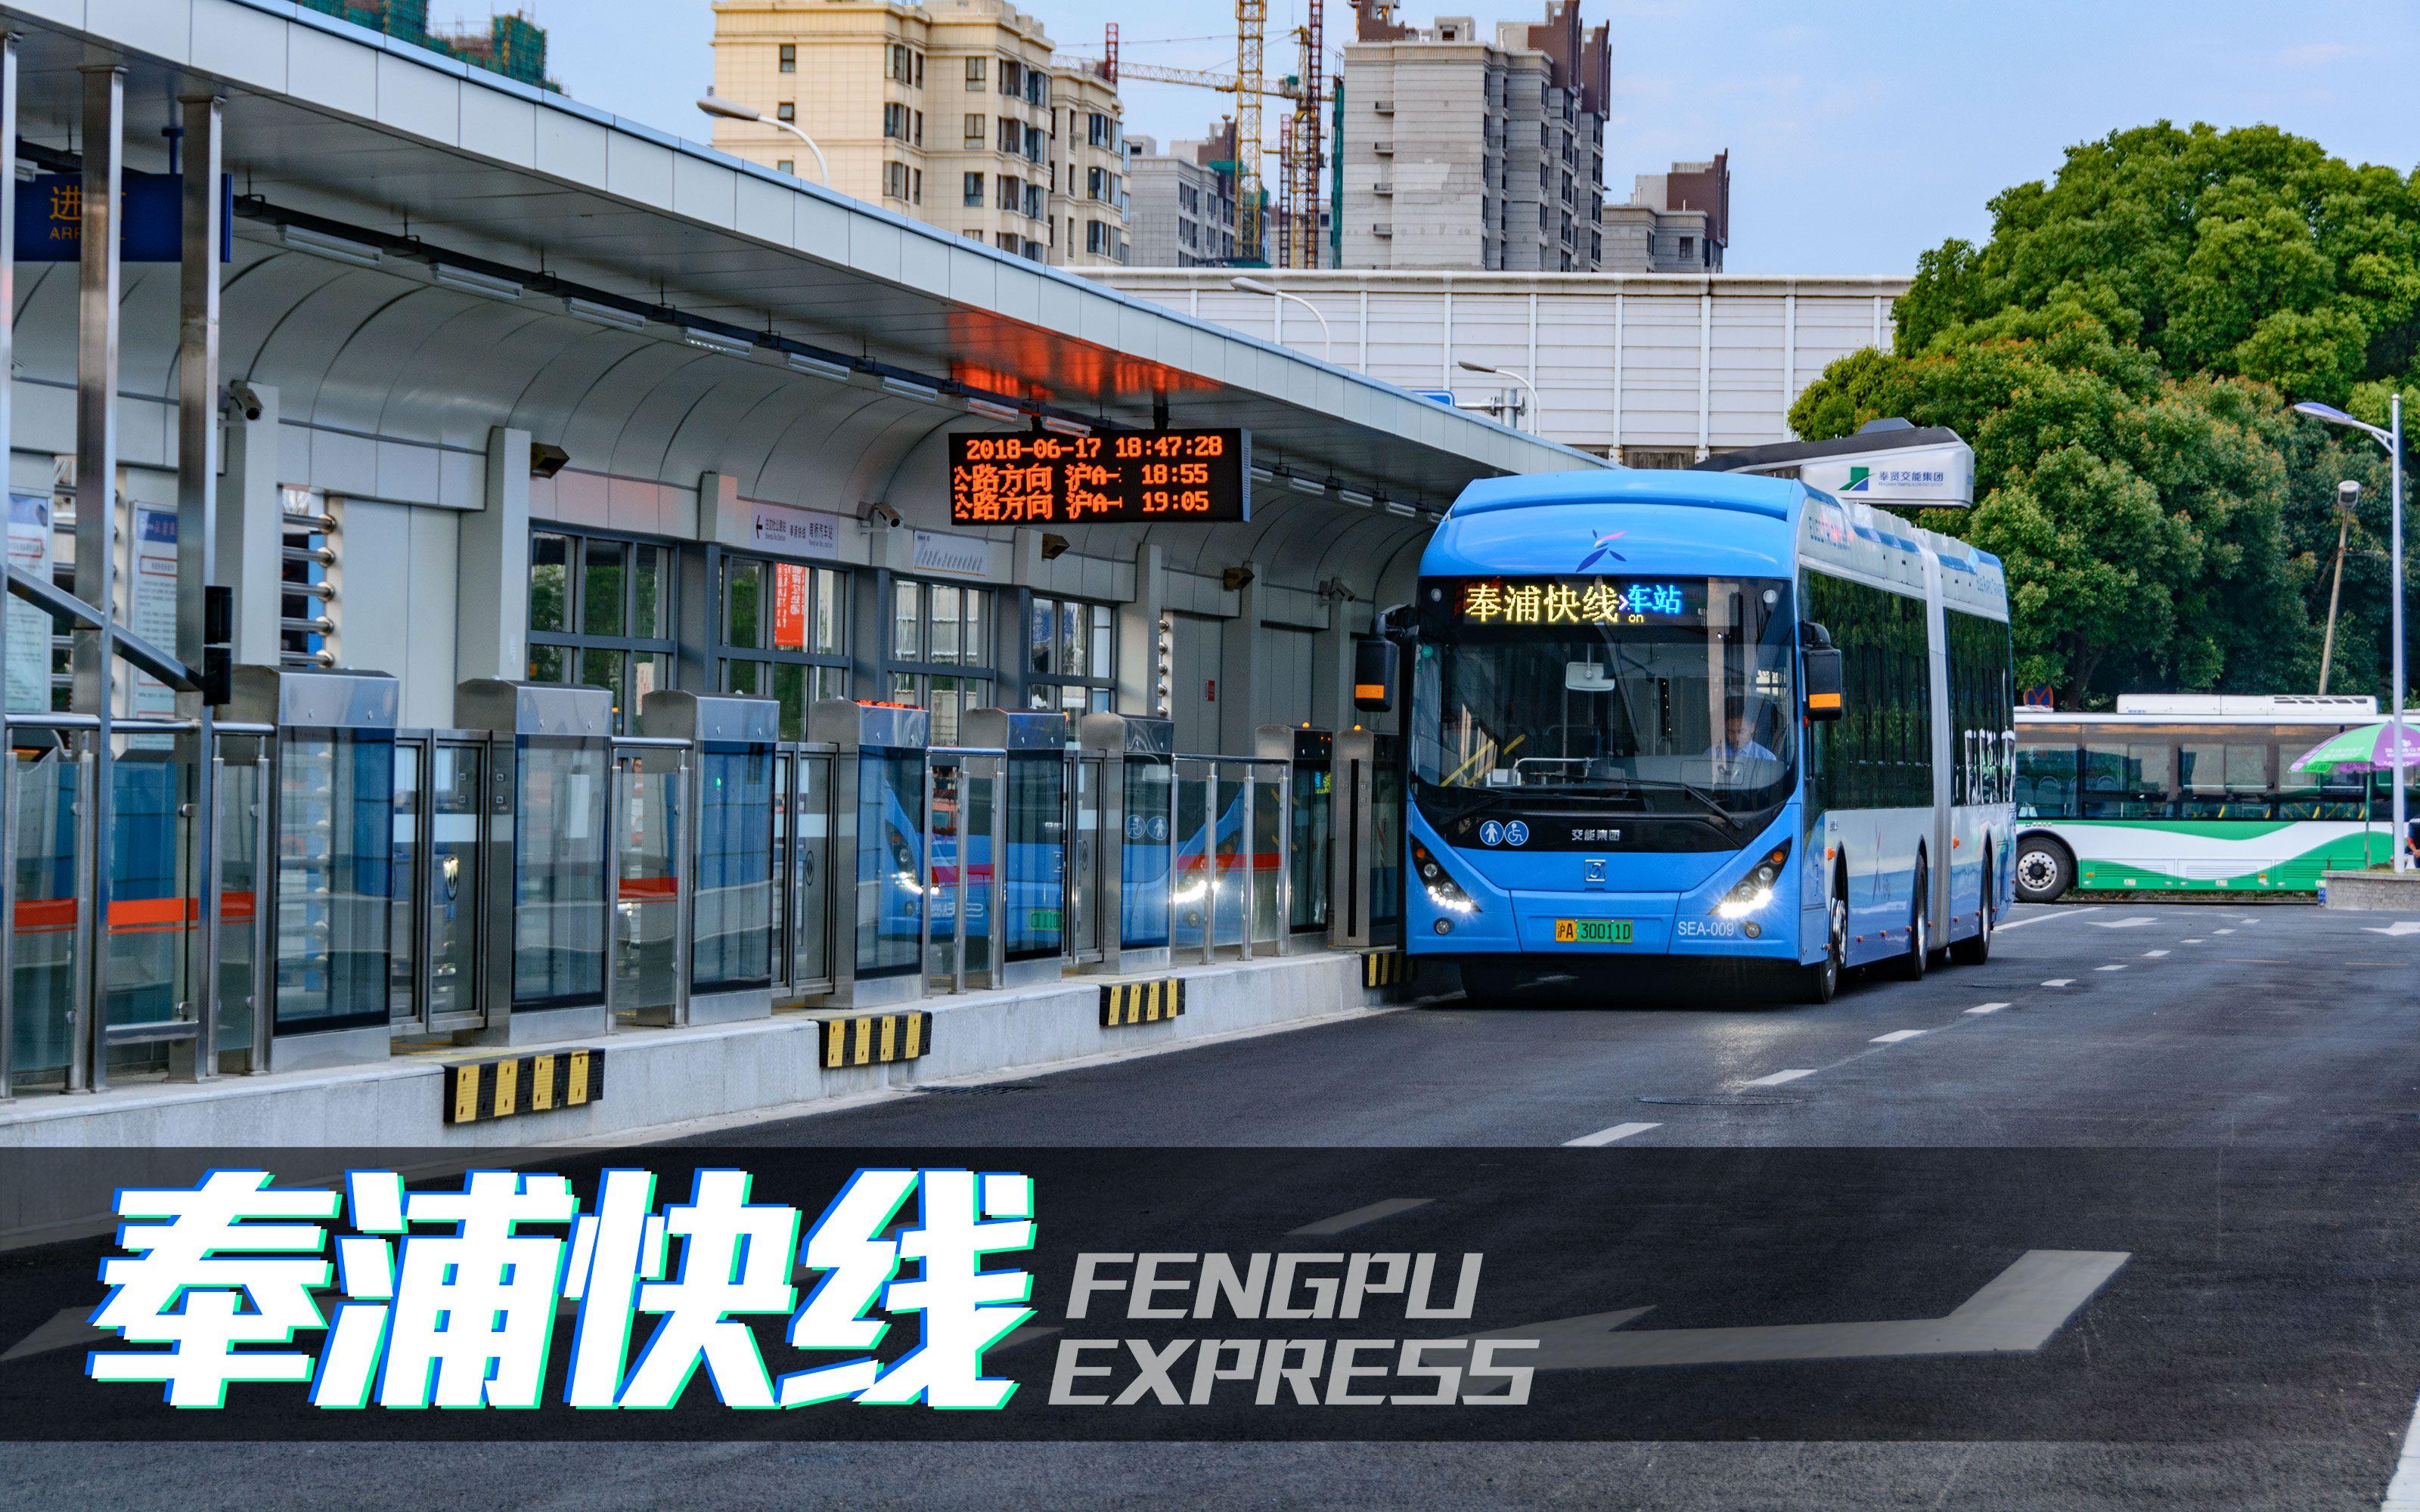 [上海公交·brt] 奉浦快线 沈杜公路 往 南桥汽车站 第一视角 前方